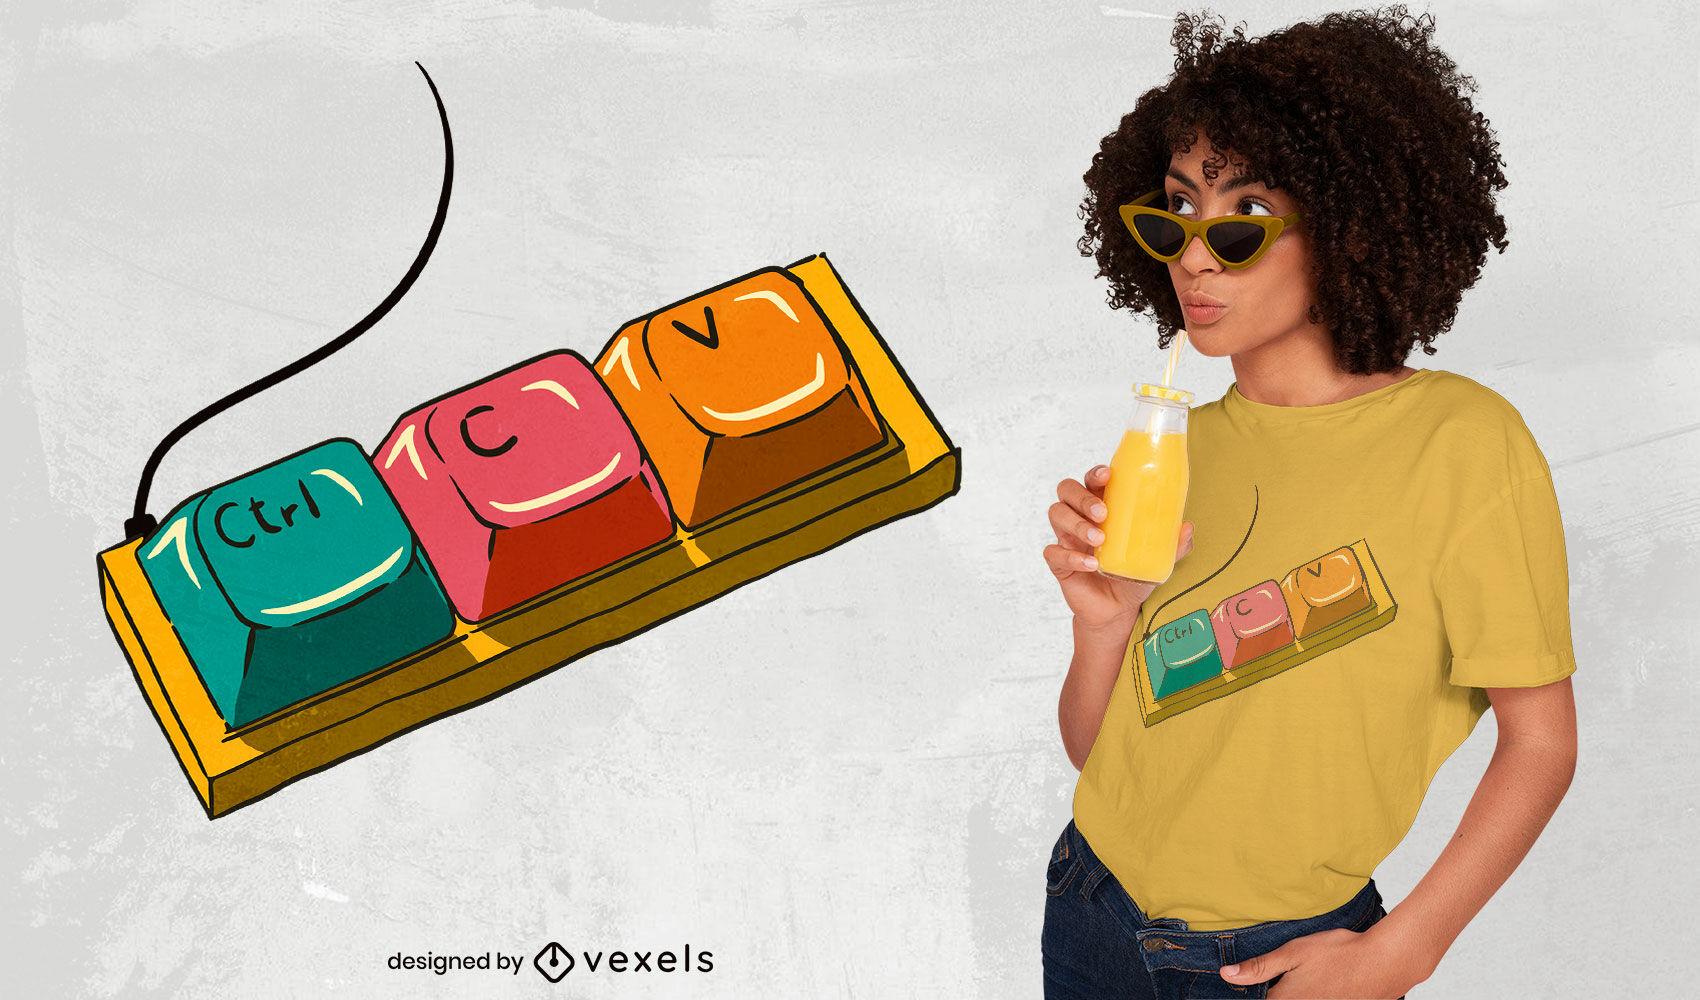 Dise?o de camiseta cool keayboard keys